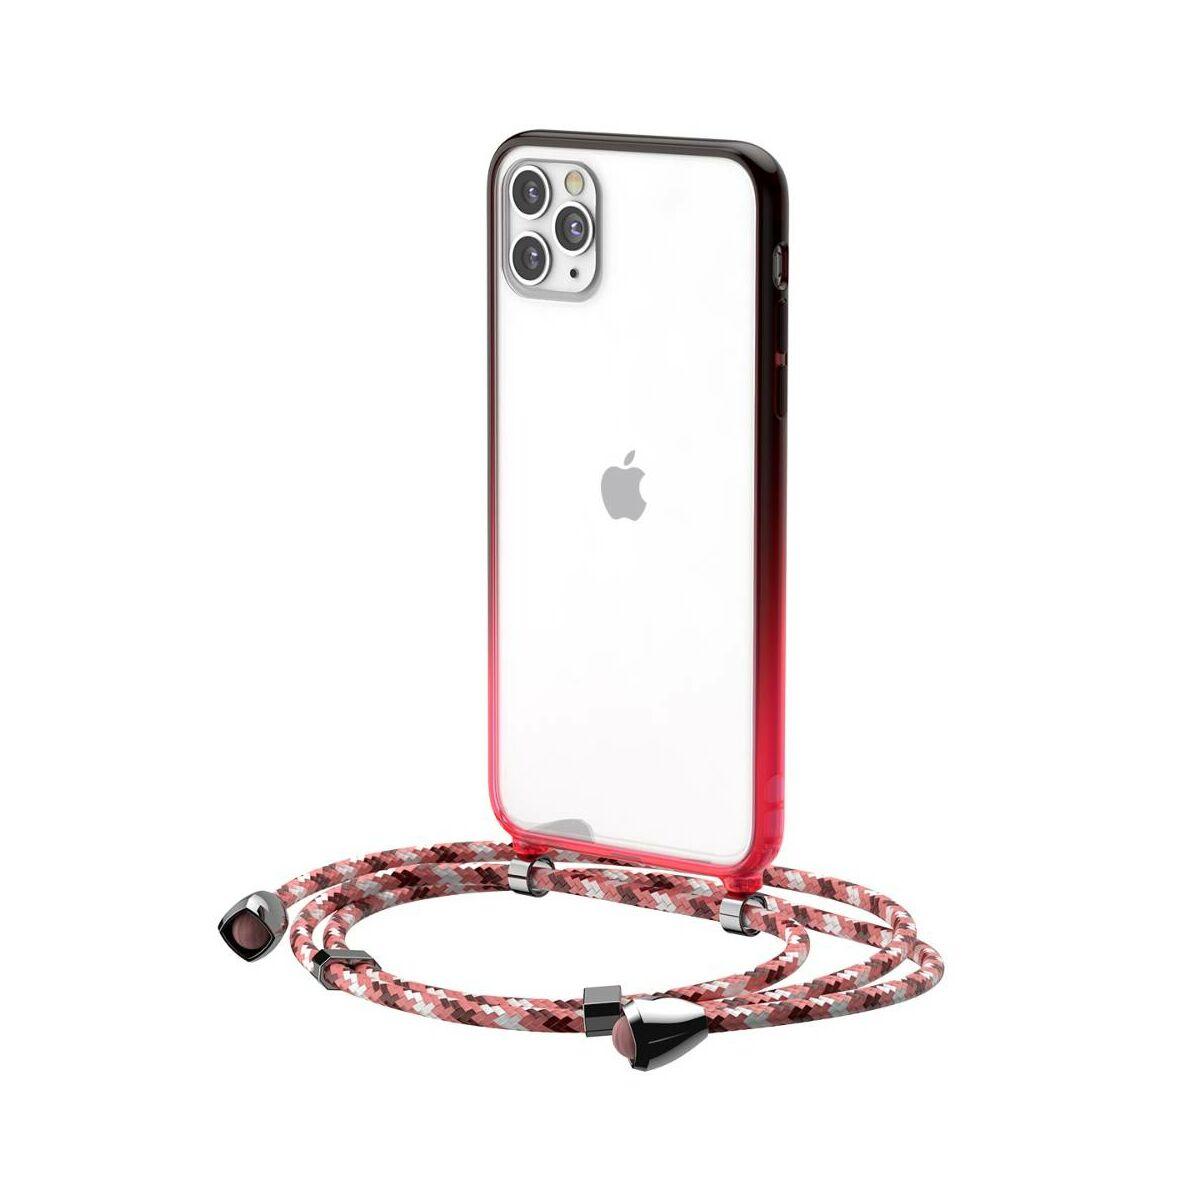 Baseus iPhone 11 Pro Max tok, Element Crossbody, csuklóra köthető textil zsineggel, piros (ARAPIPH65S-YS09)